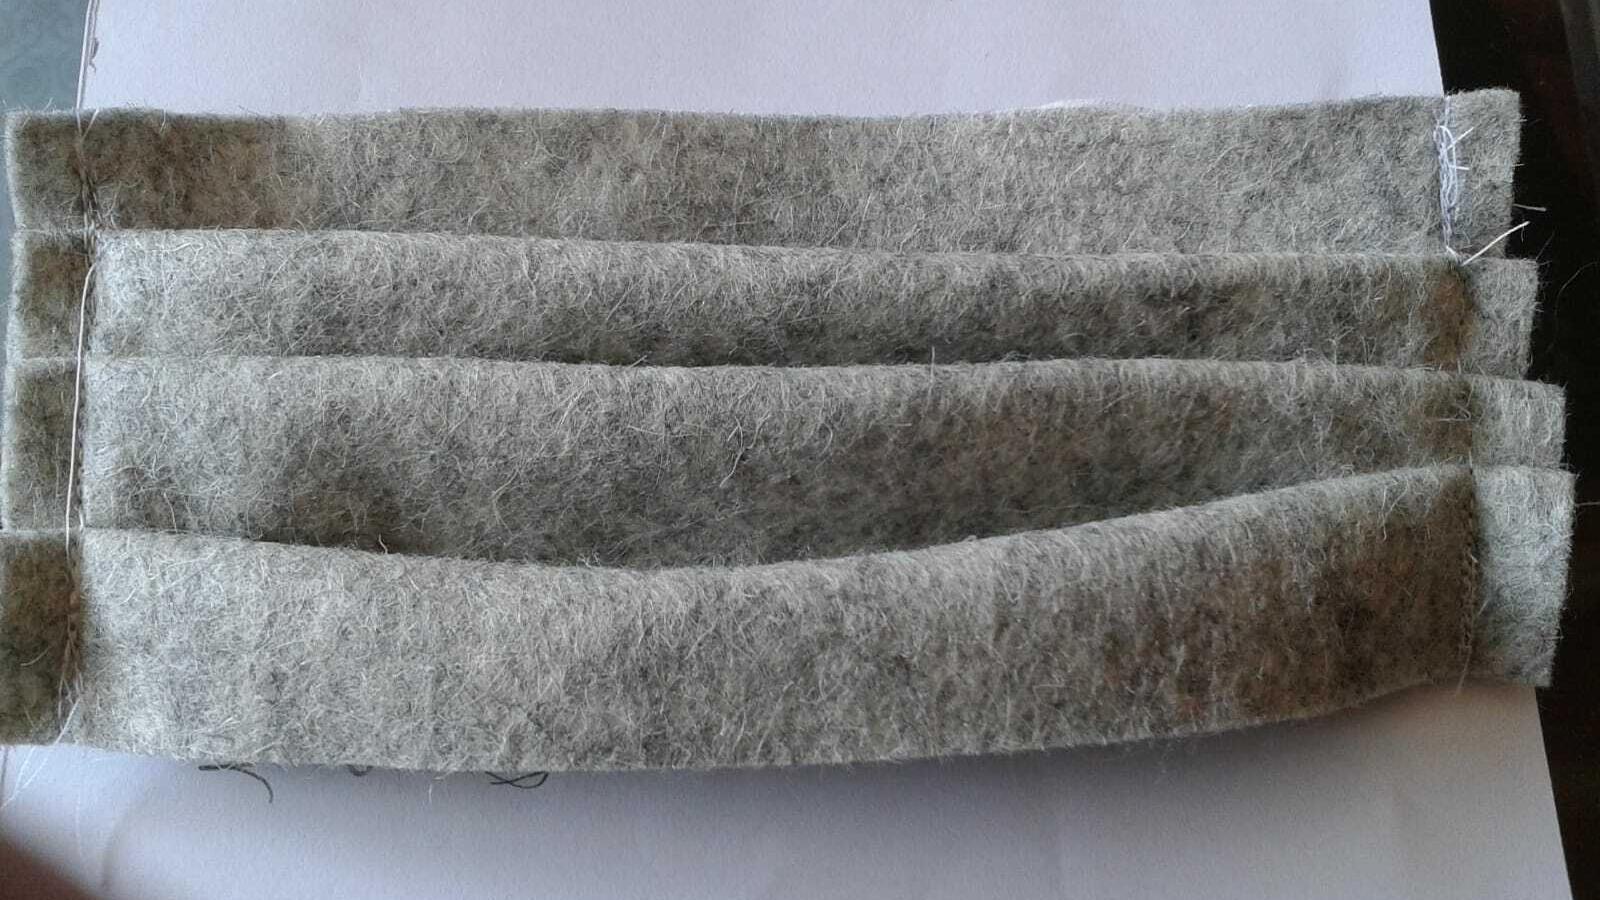 Els experts recomanen usar teixit hidròfug i no elàstic per fer mascaretes